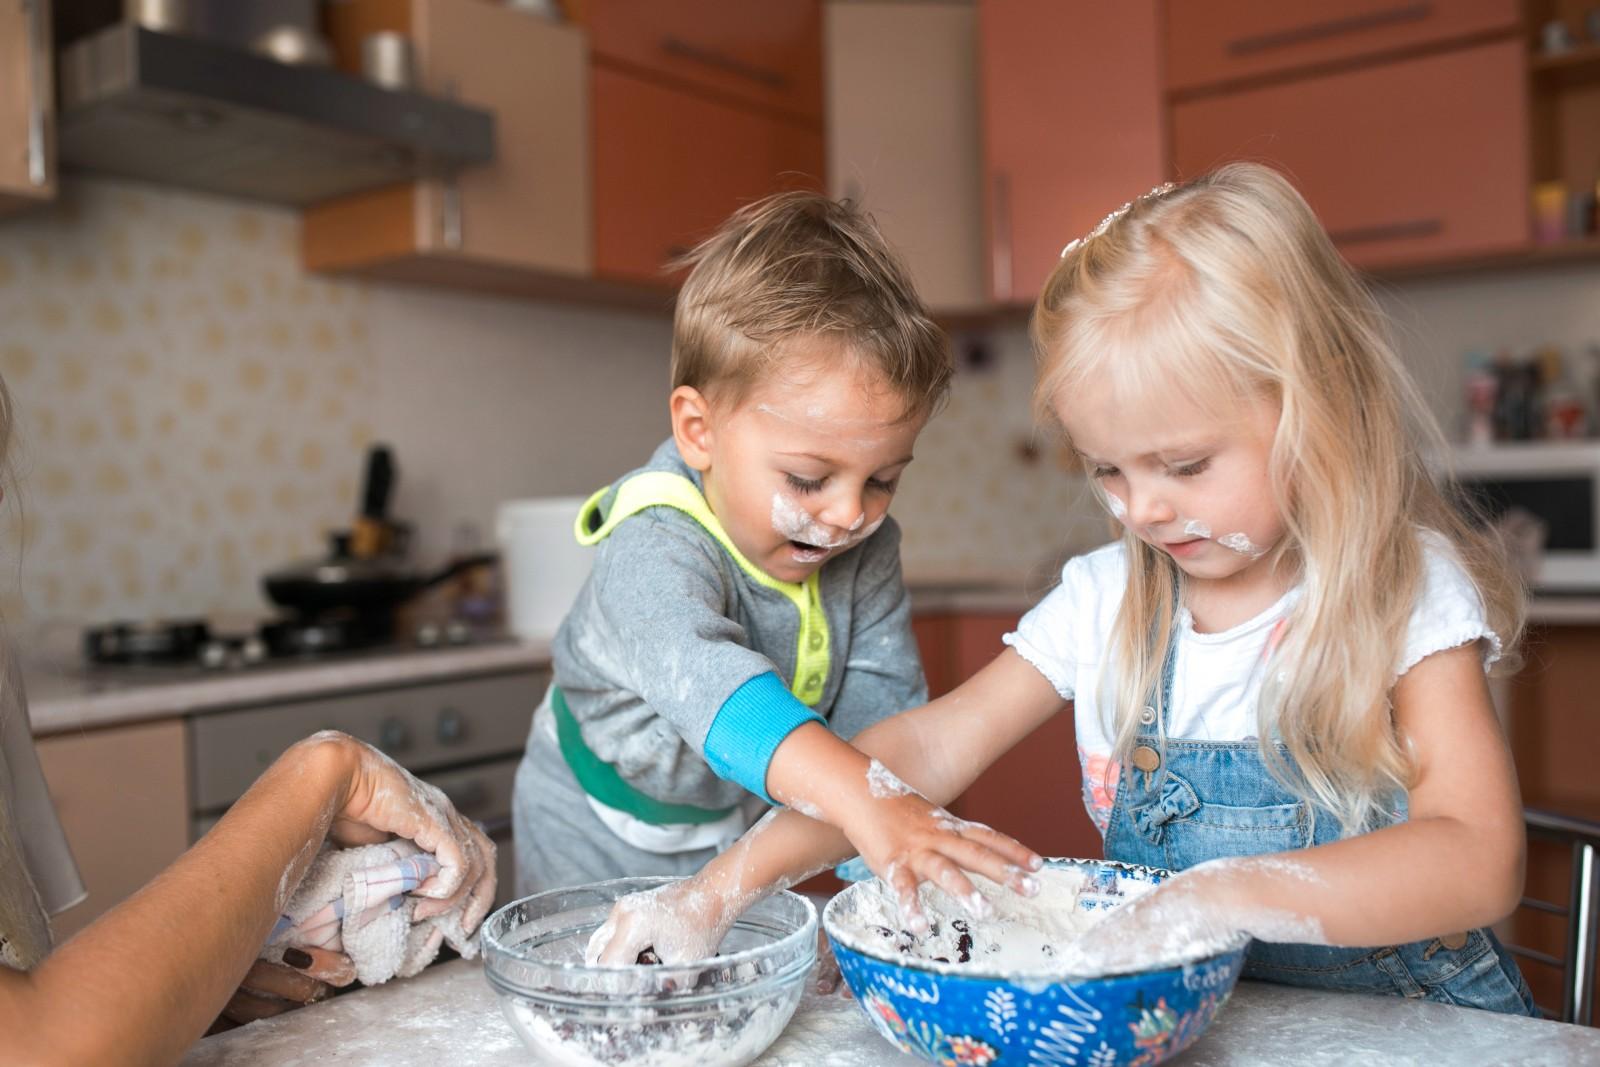 gesunde ern hrung kinder sollten schon fr h mitkochen tipps codecheck info. Black Bedroom Furniture Sets. Home Design Ideas